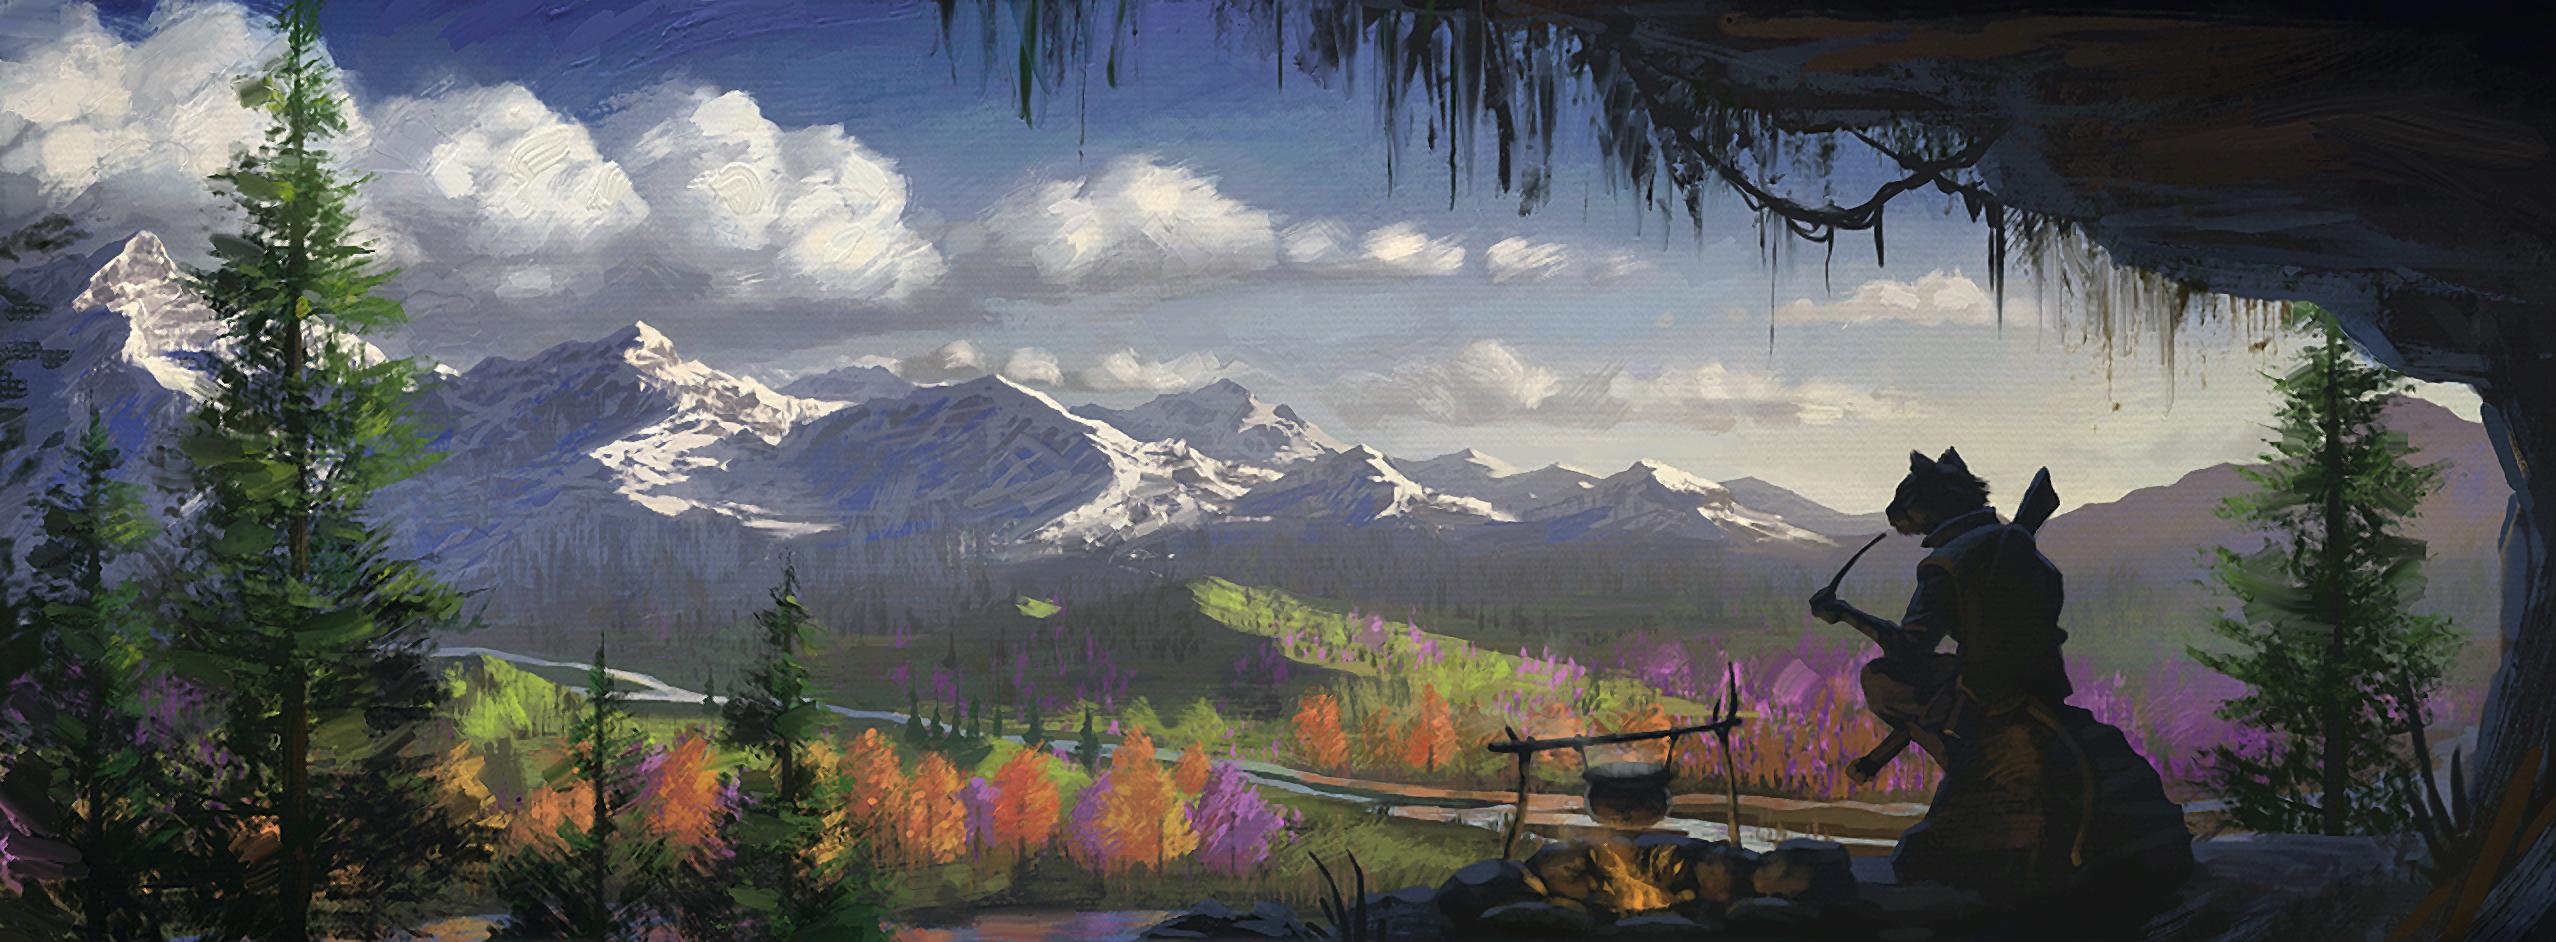 A Brief Rest by Gjaldir